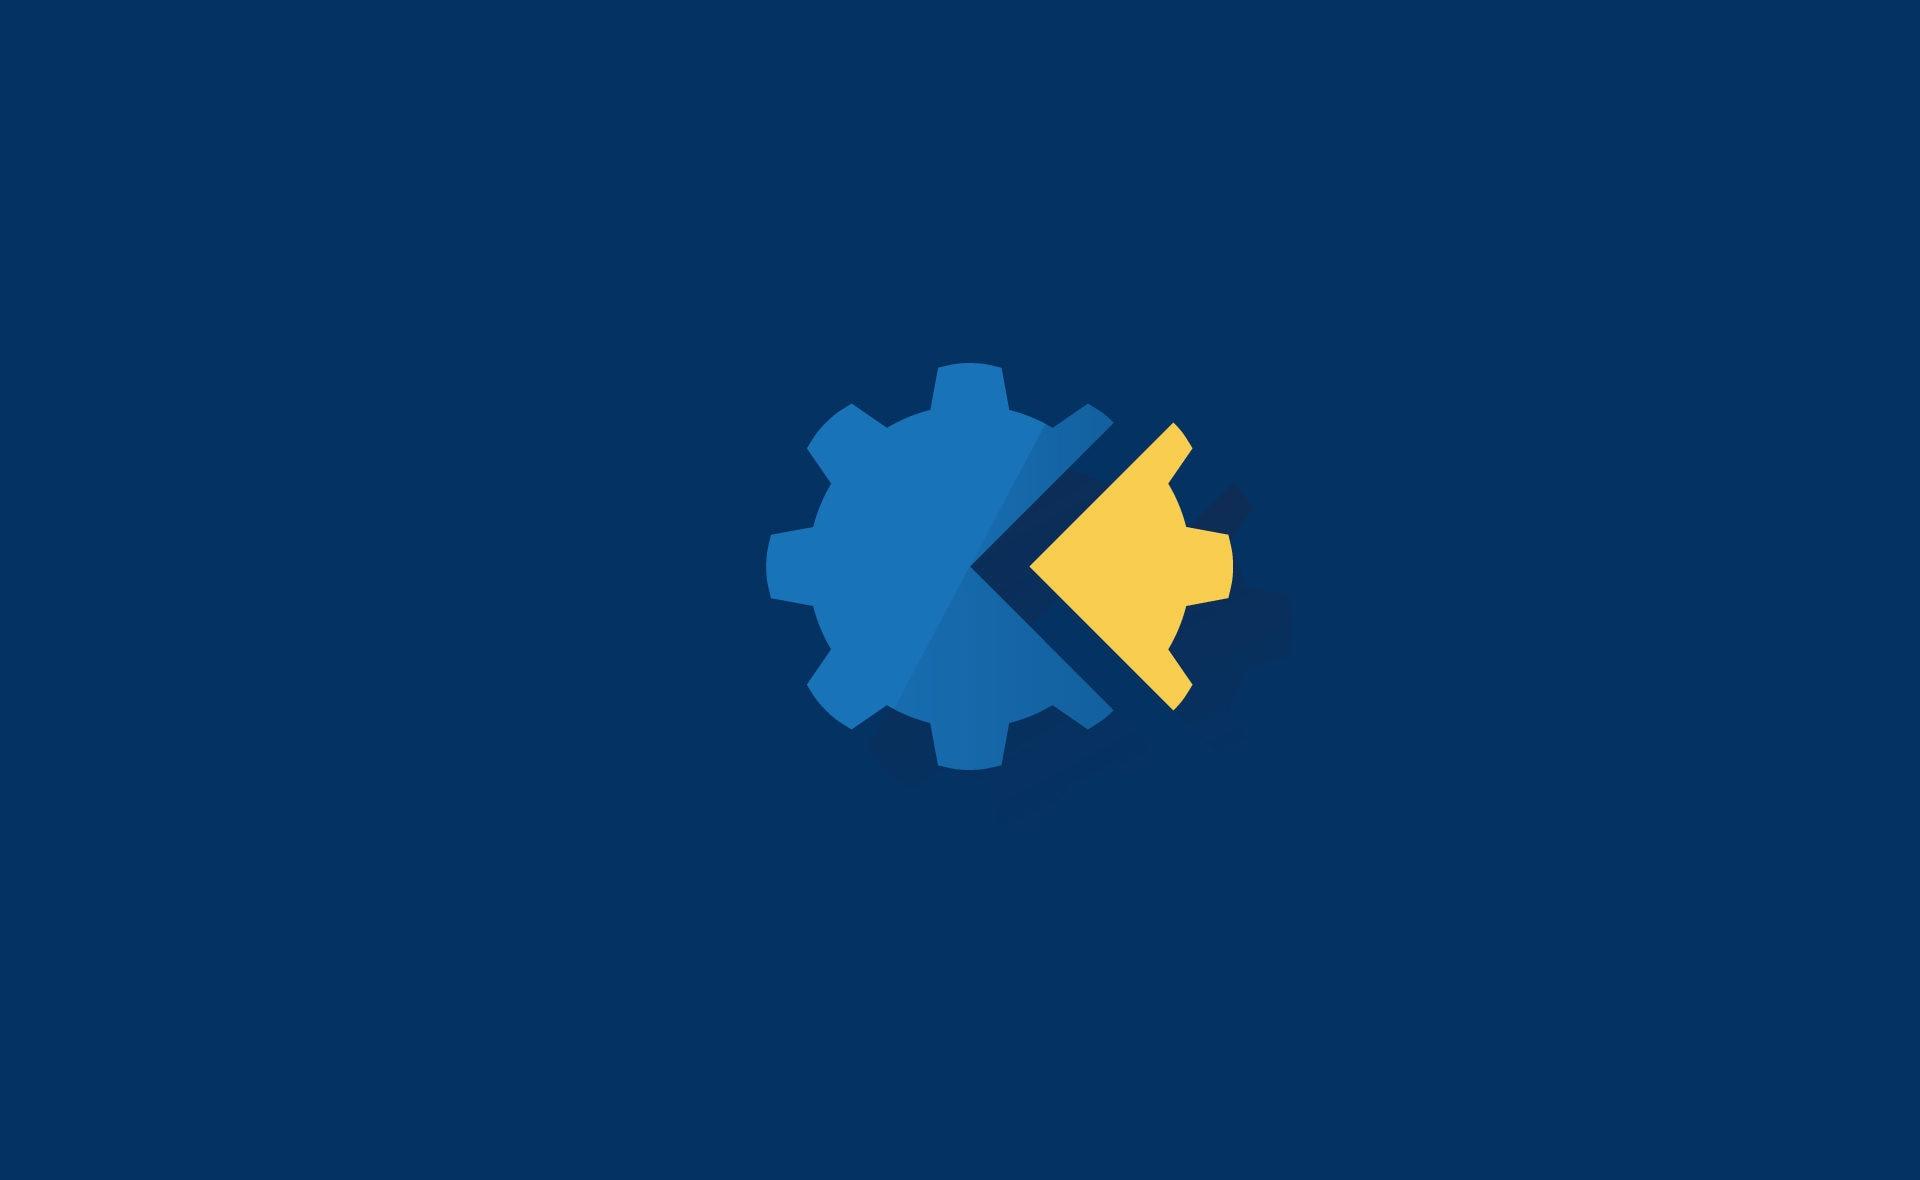 ahorro_nomina-trucos-dinero-herramienta-consejos-partes